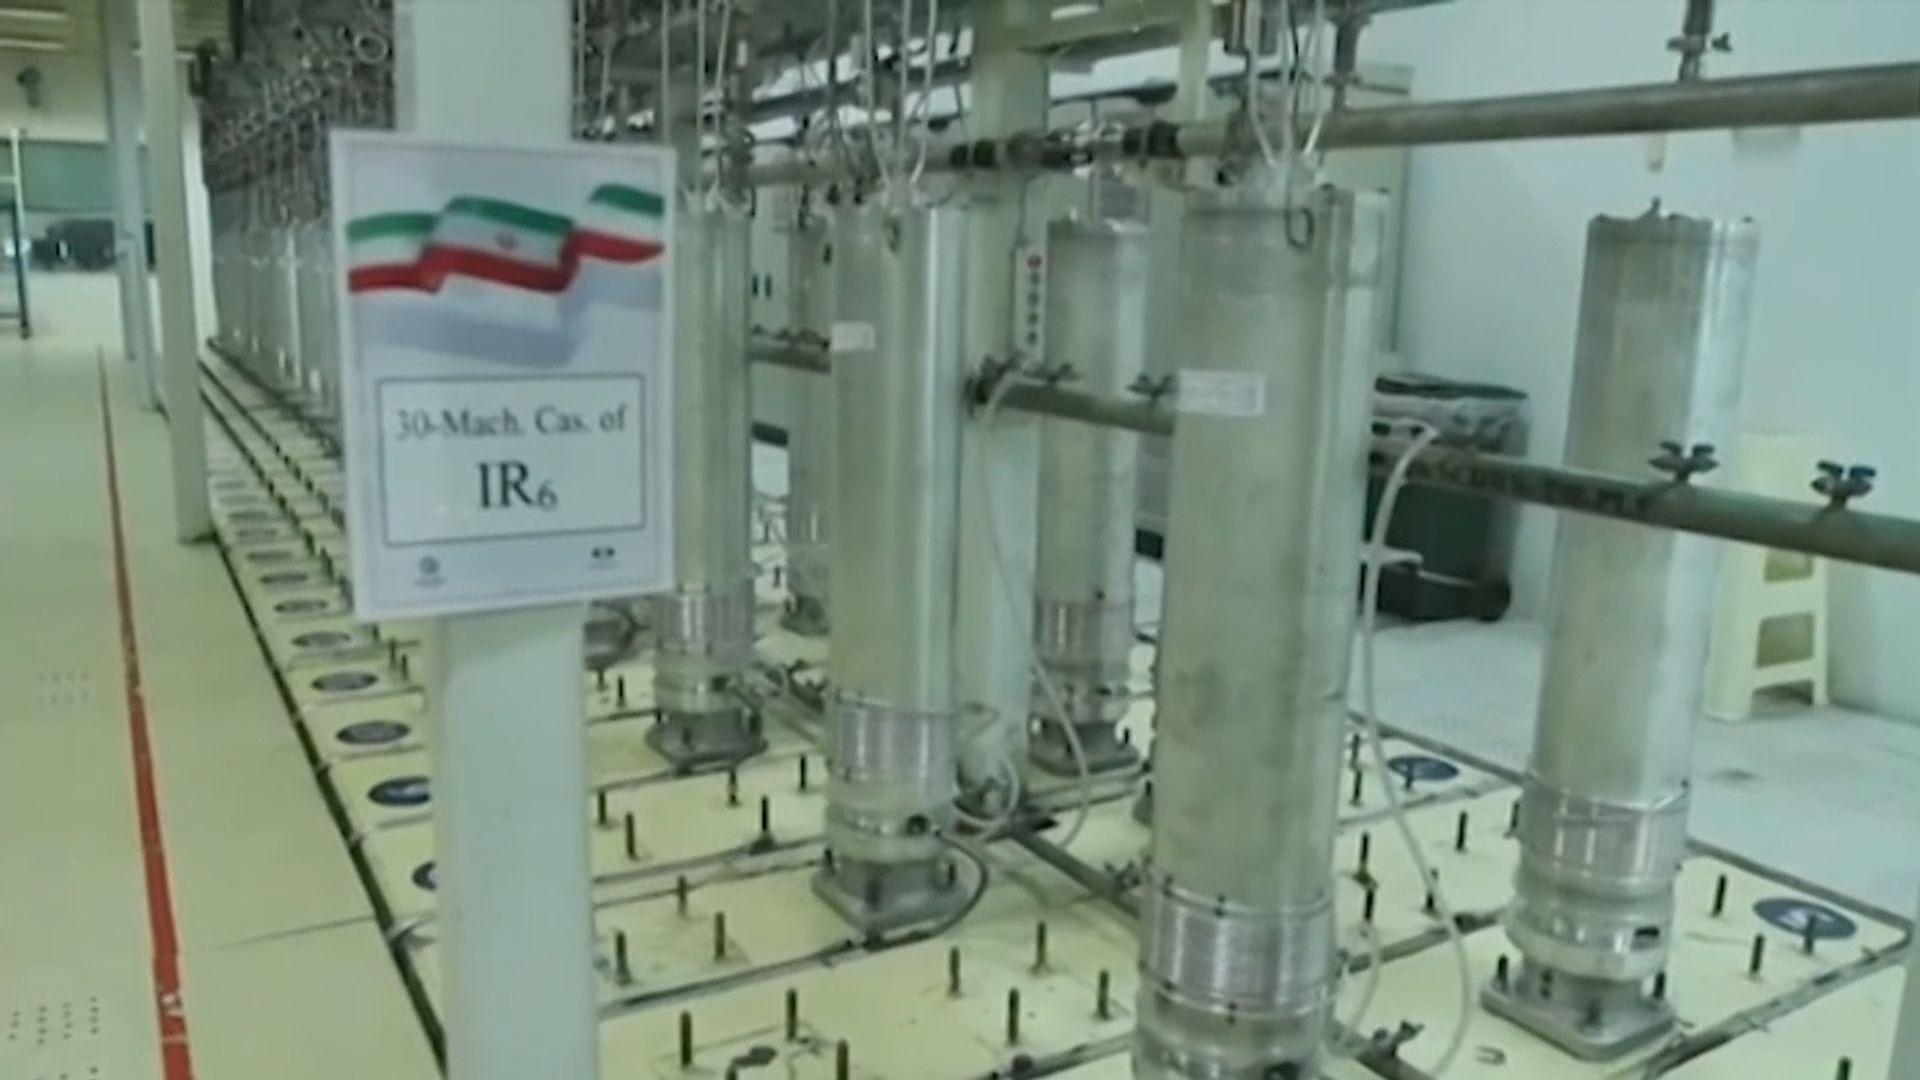 伊朗外長指責以色列破壞核設施 揚言會報復